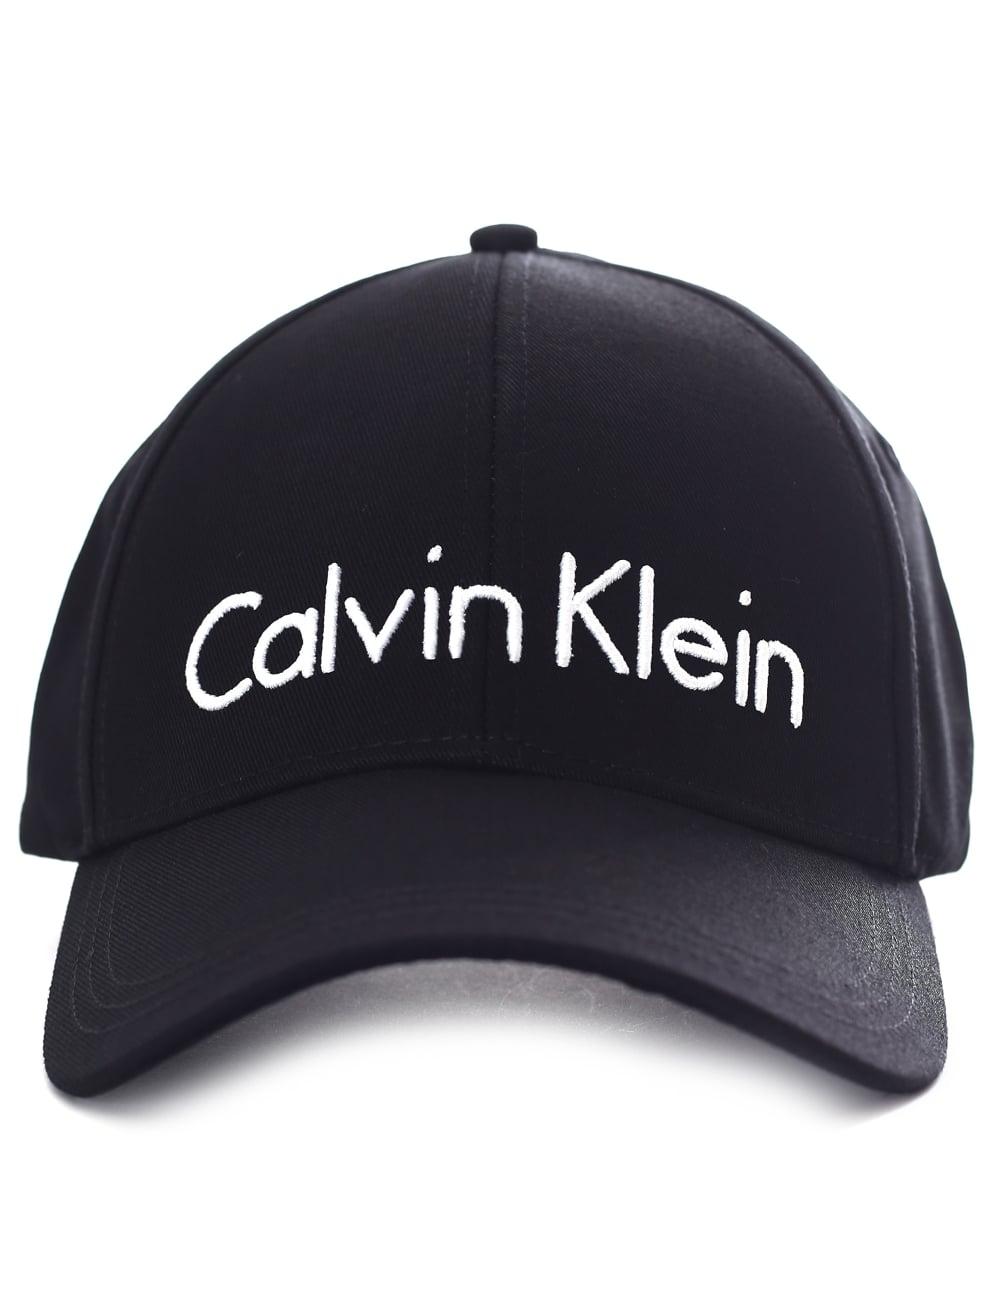 983a18a7a40f1e Calvin Klein Women's Logo Baseball Cap